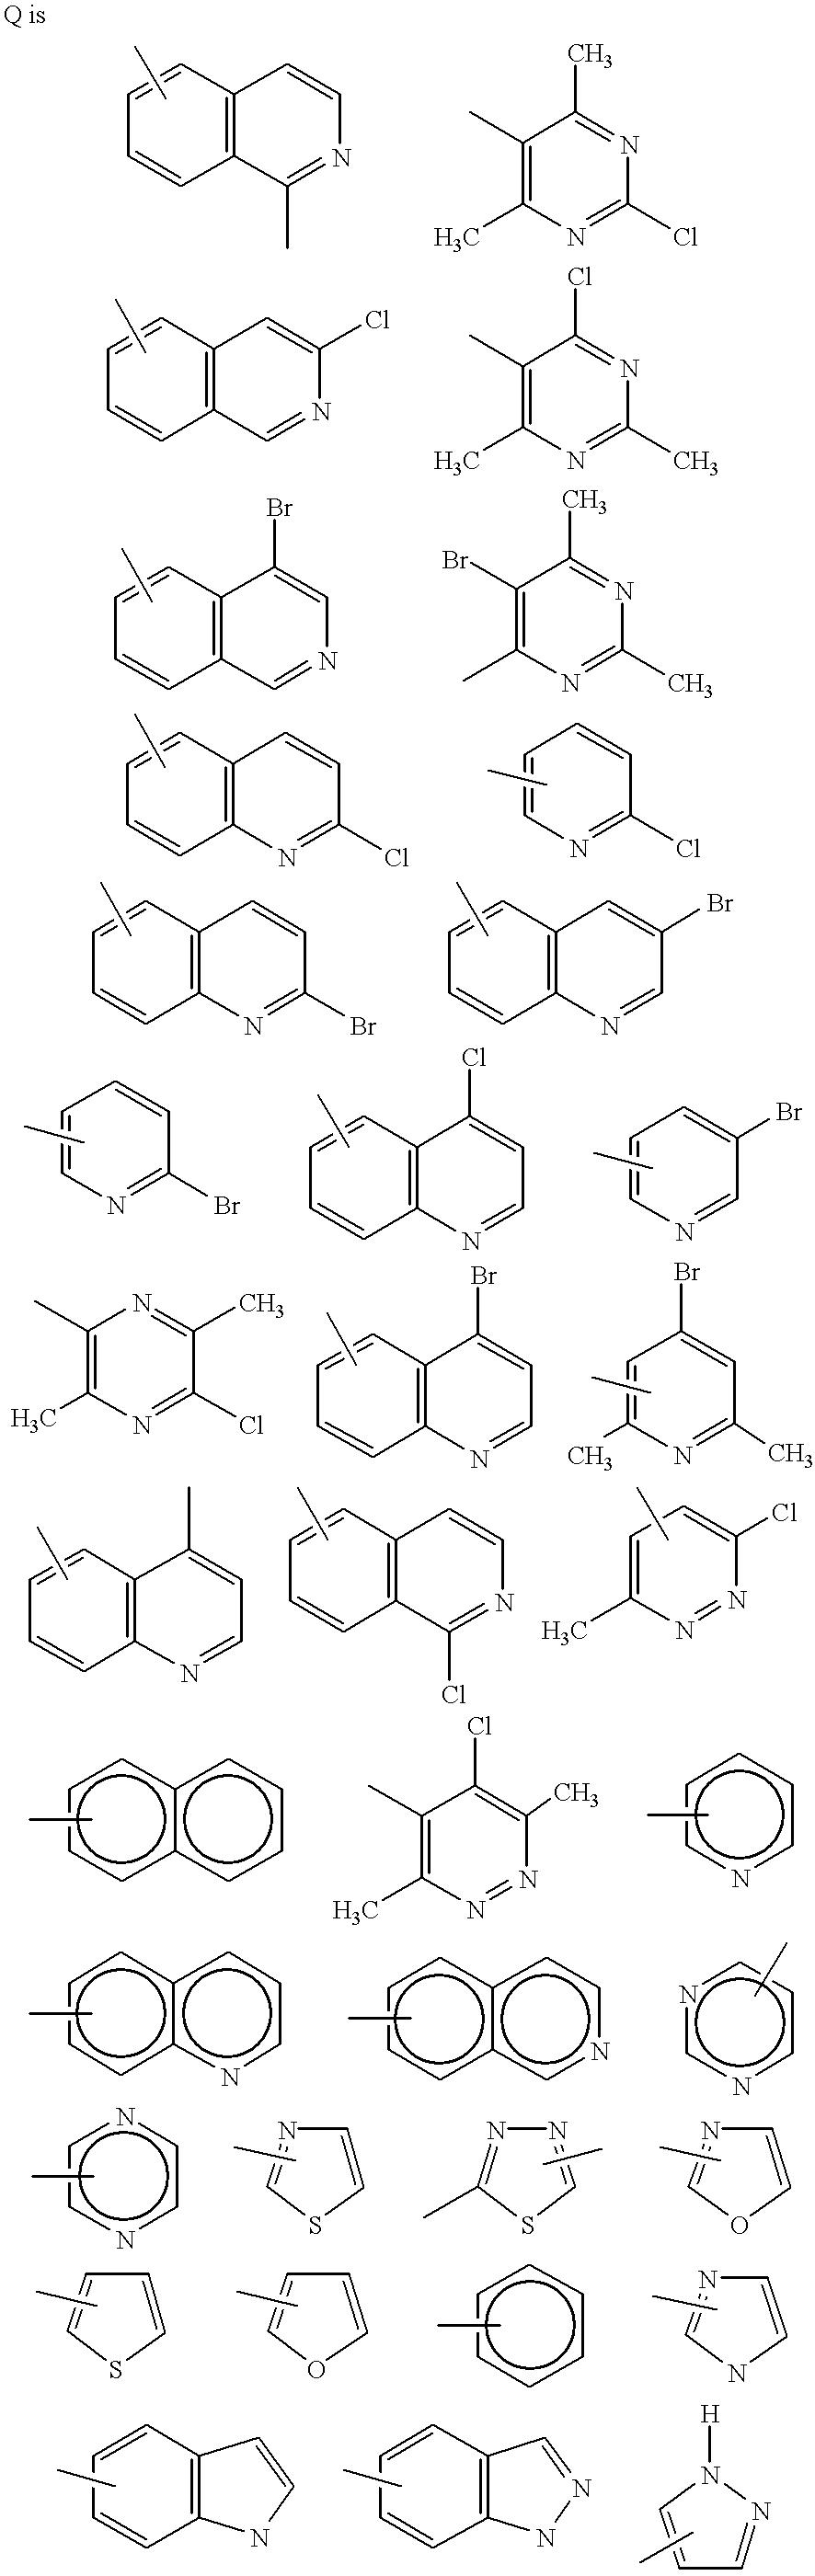 Figure US06255490-20010703-C00008